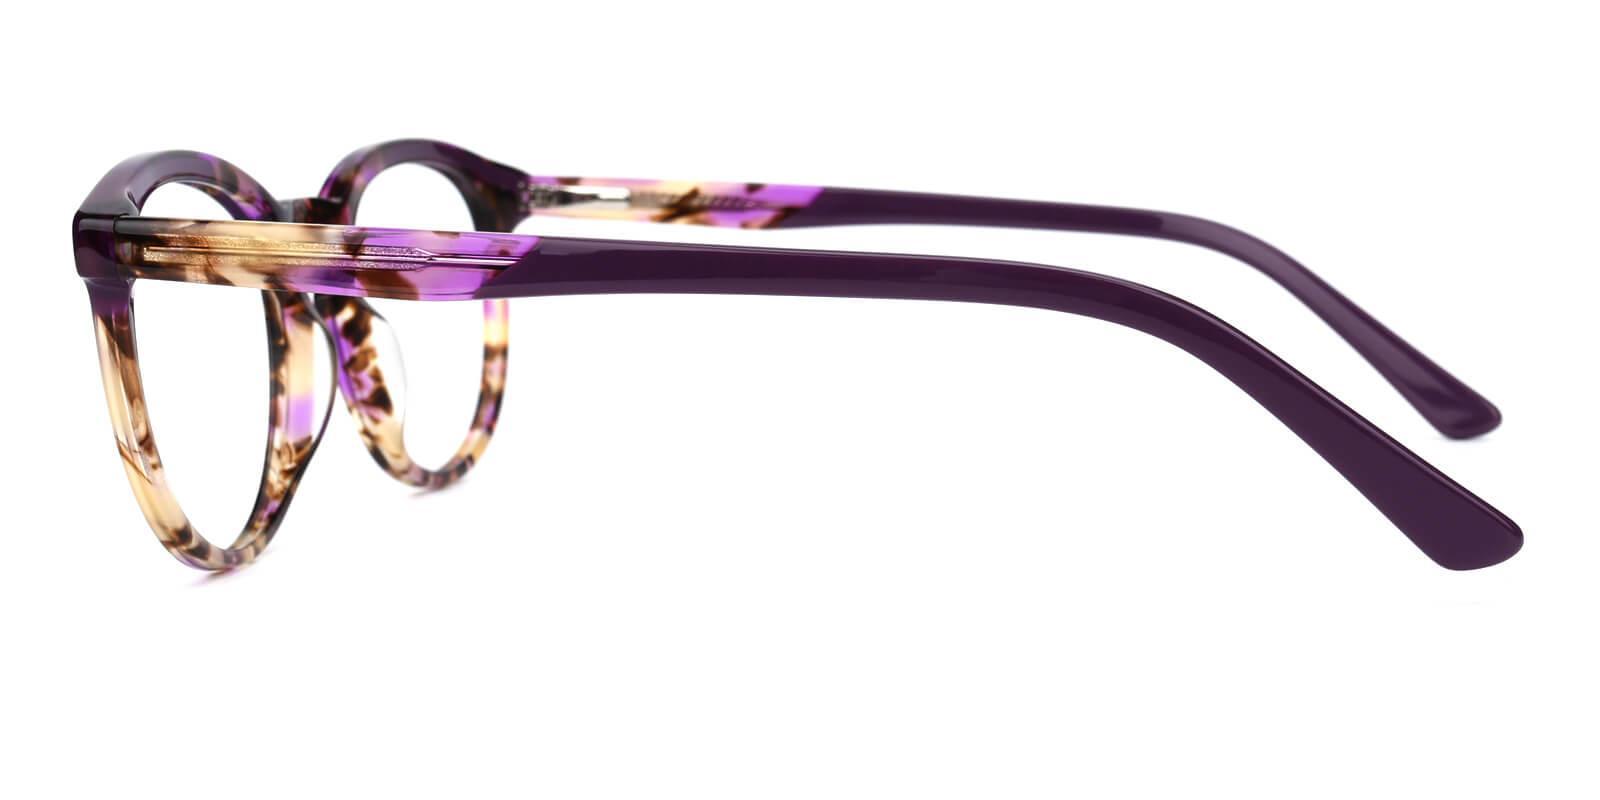 Deborah-Purple-Oval-Acetate-Eyeglasses-additional3